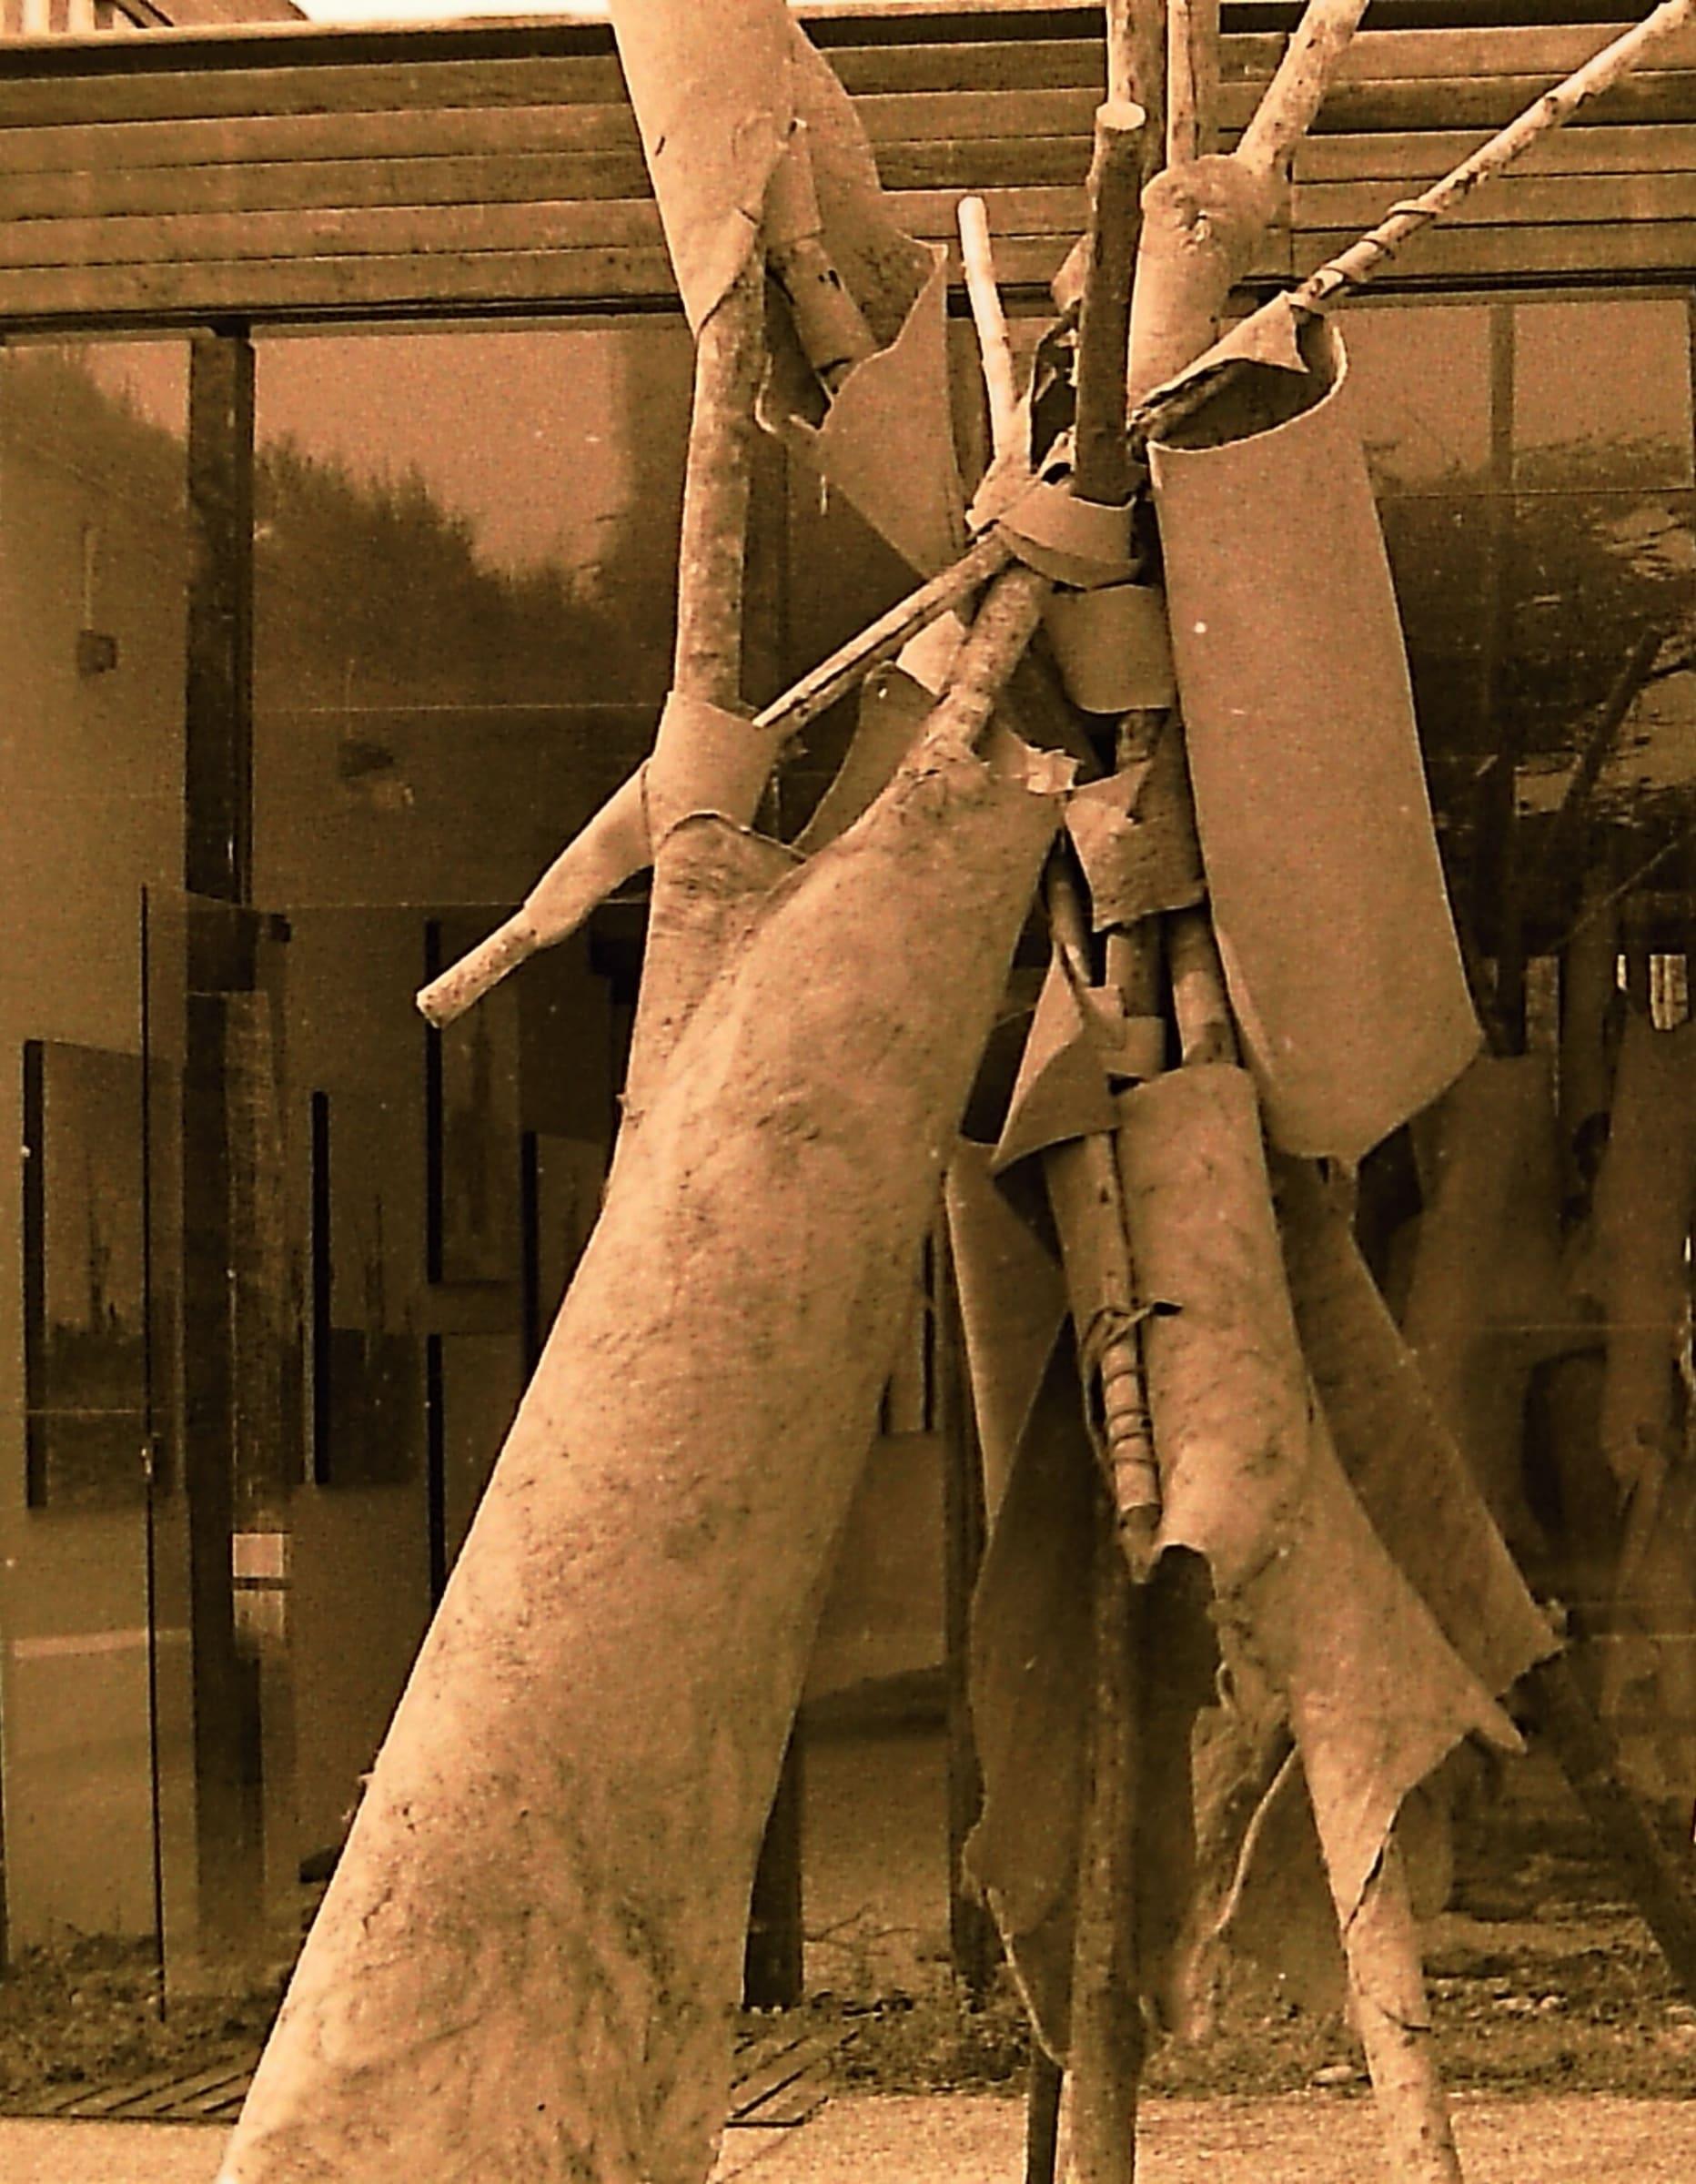 Projeto Terra. 43ª Biennale di Venezia. 1988